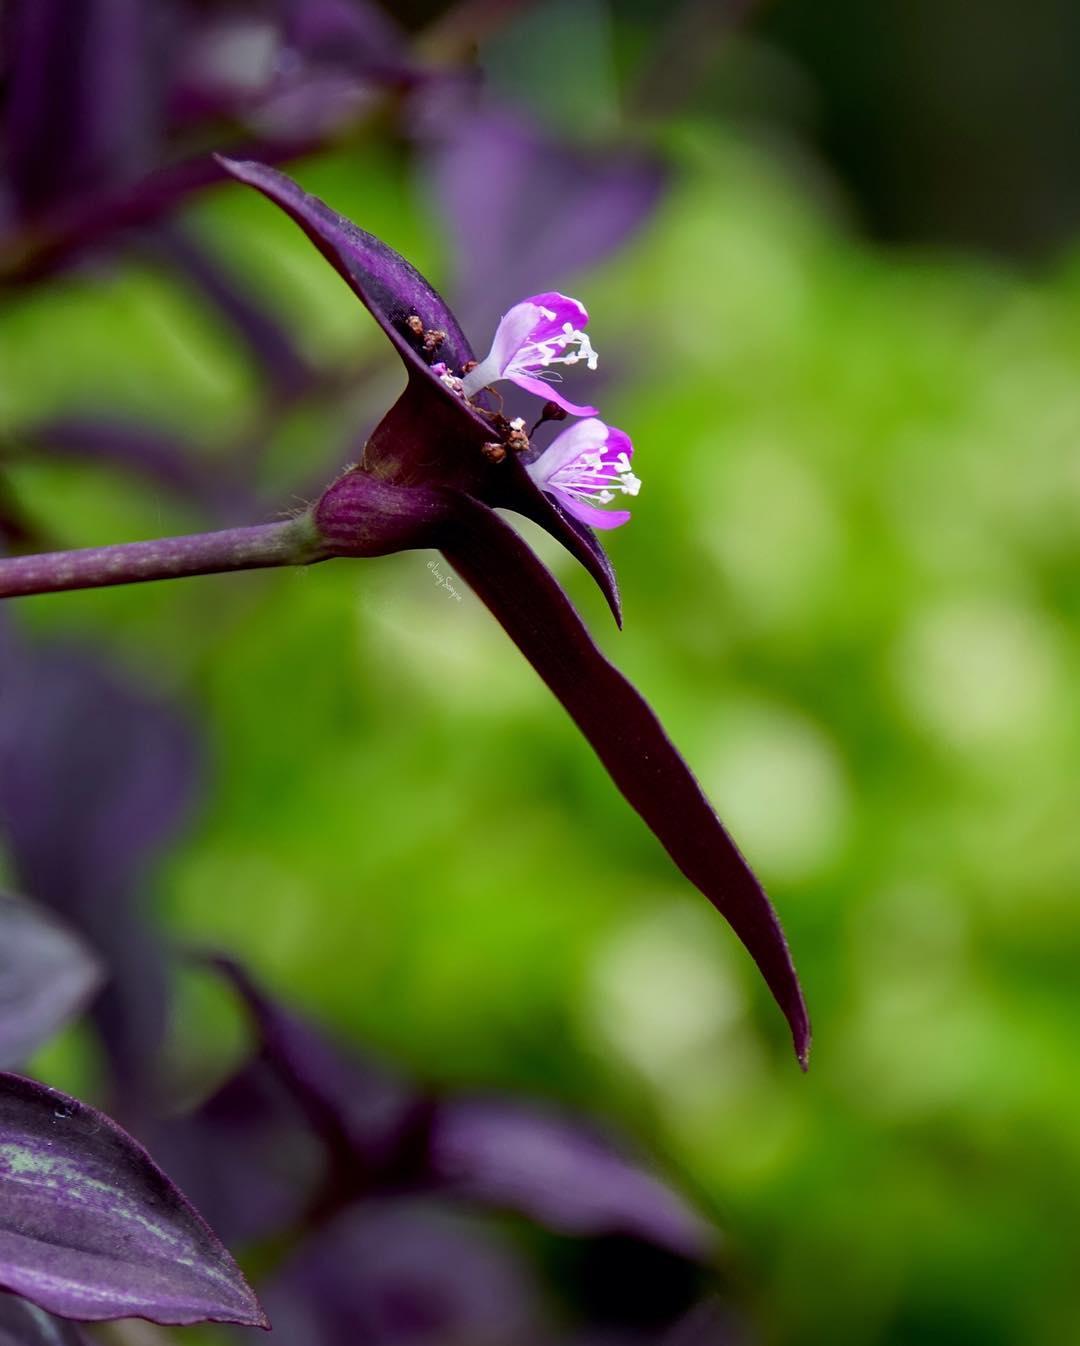 Manfaat Rebusan Daun Ungu Sebagai Solusi Herbal